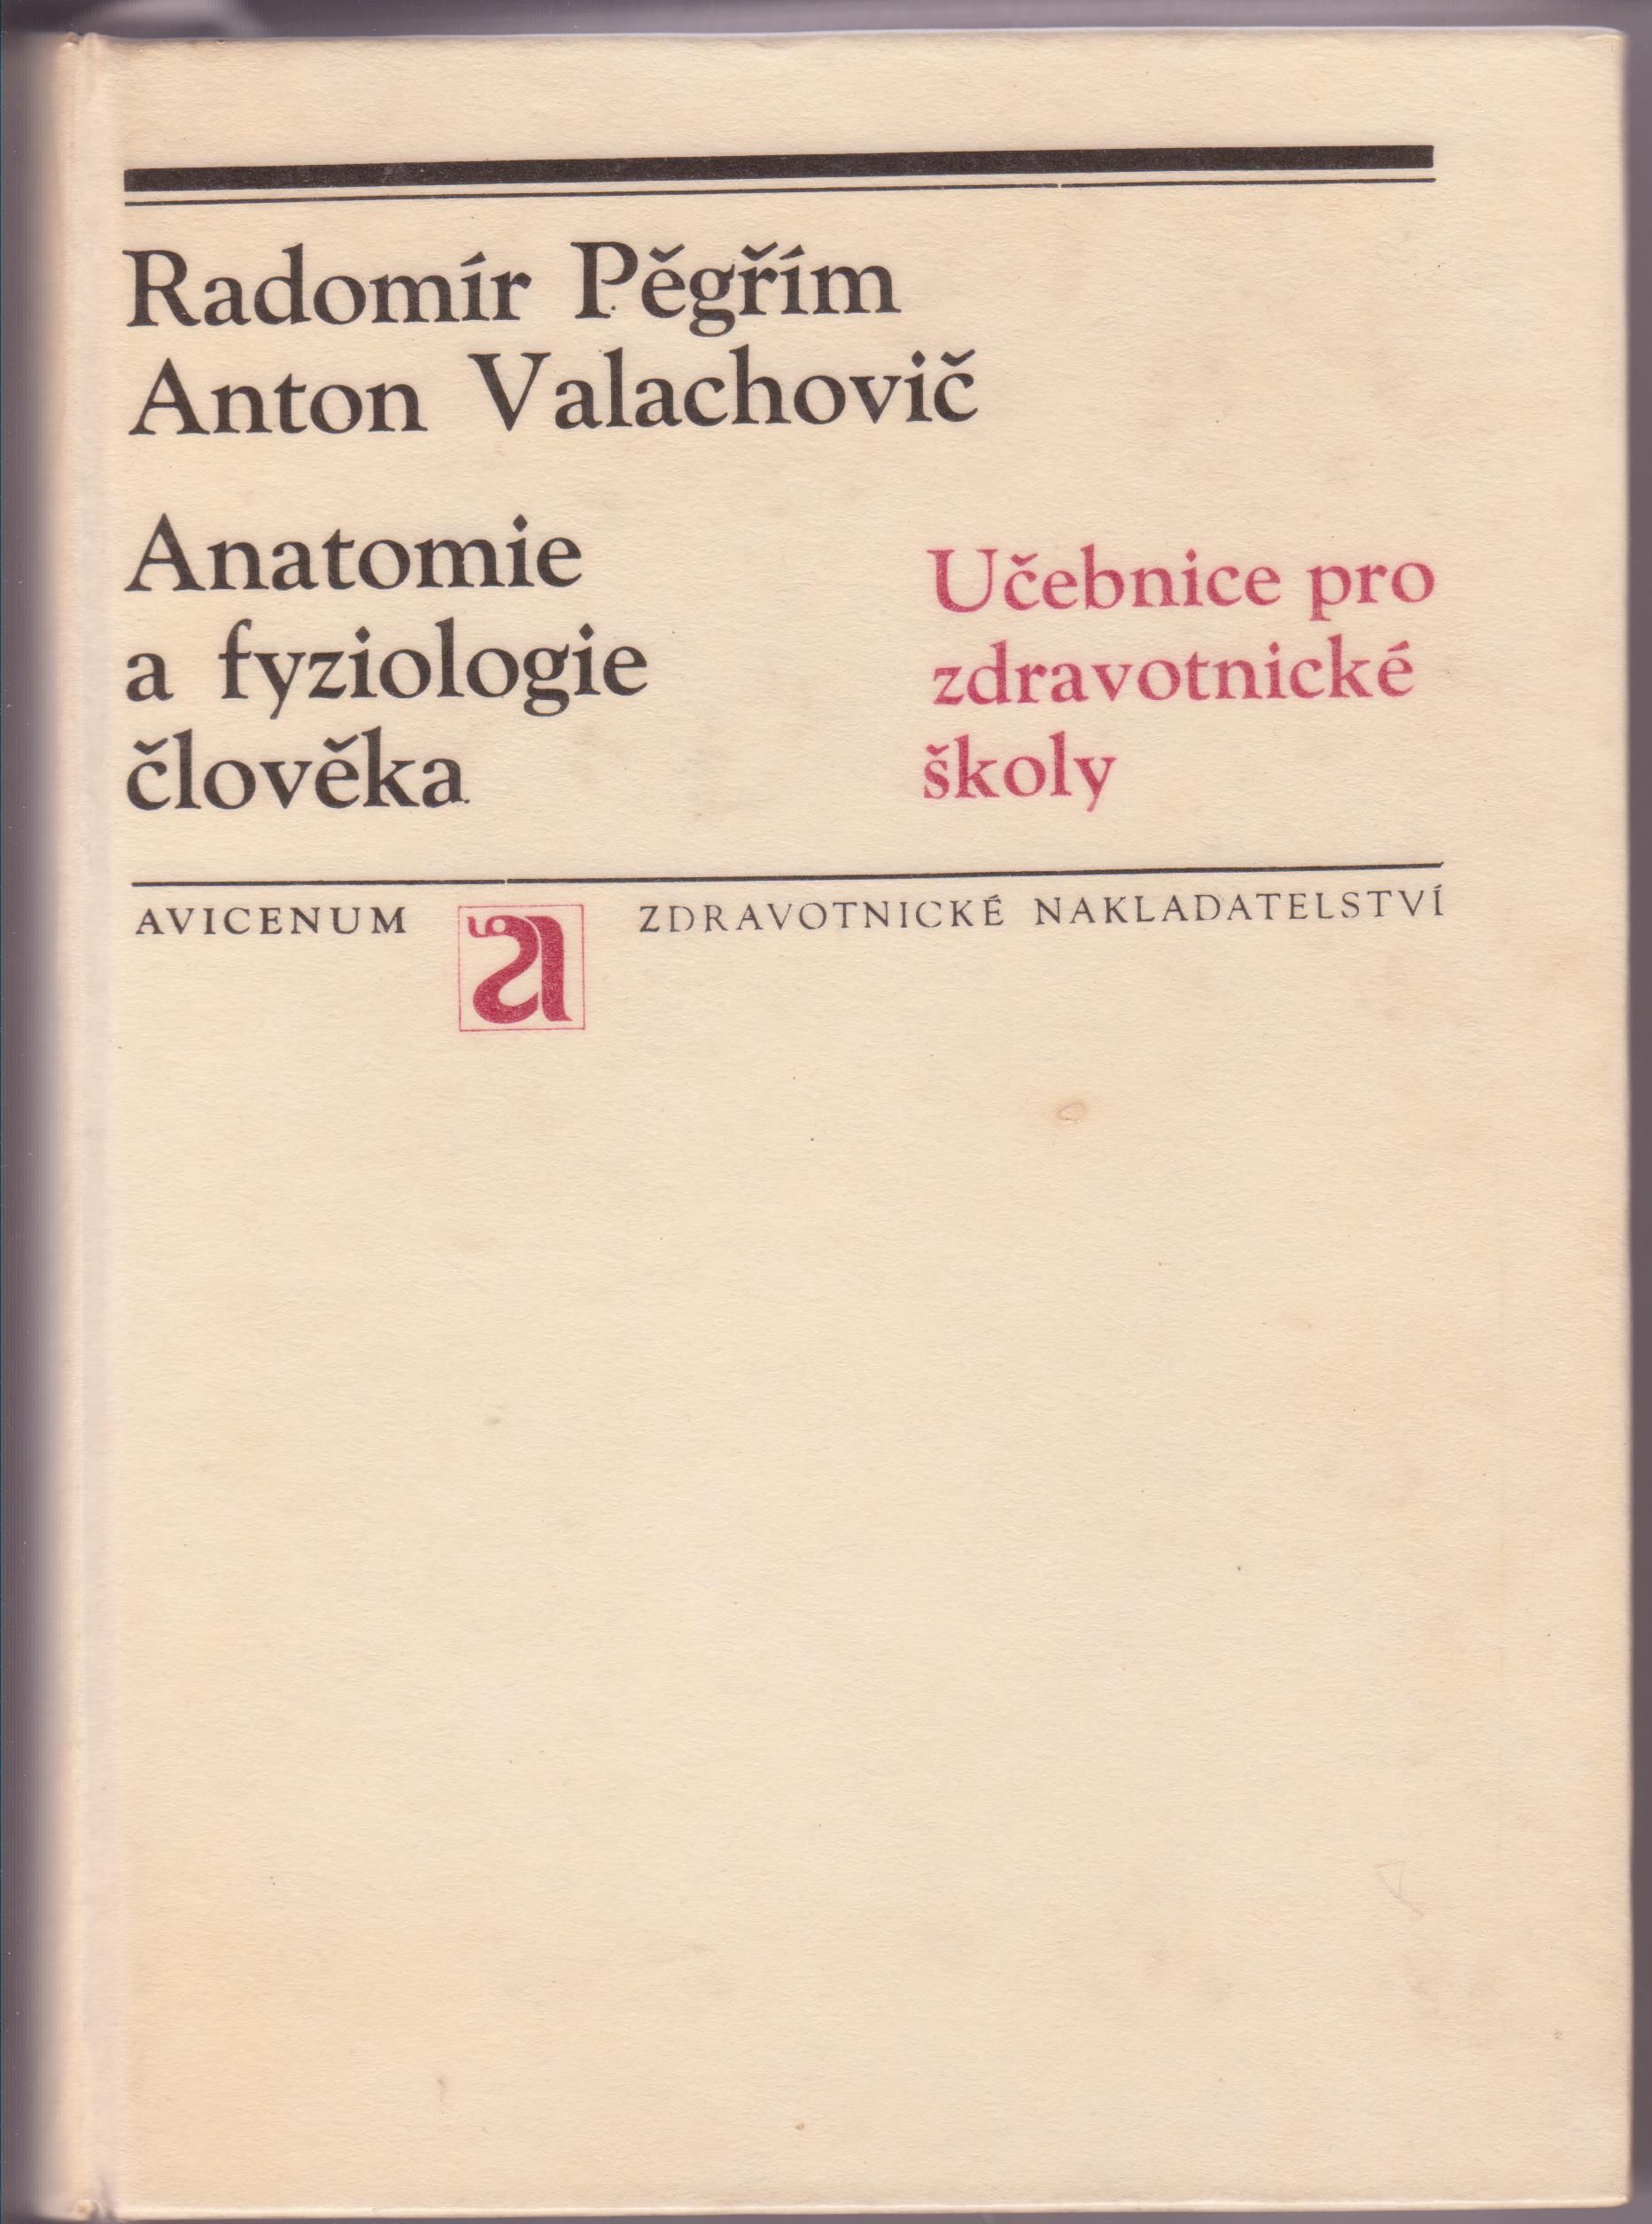 Anatomie a fyziologie člověka - Radomír Pěgřím, Anton Valachovič